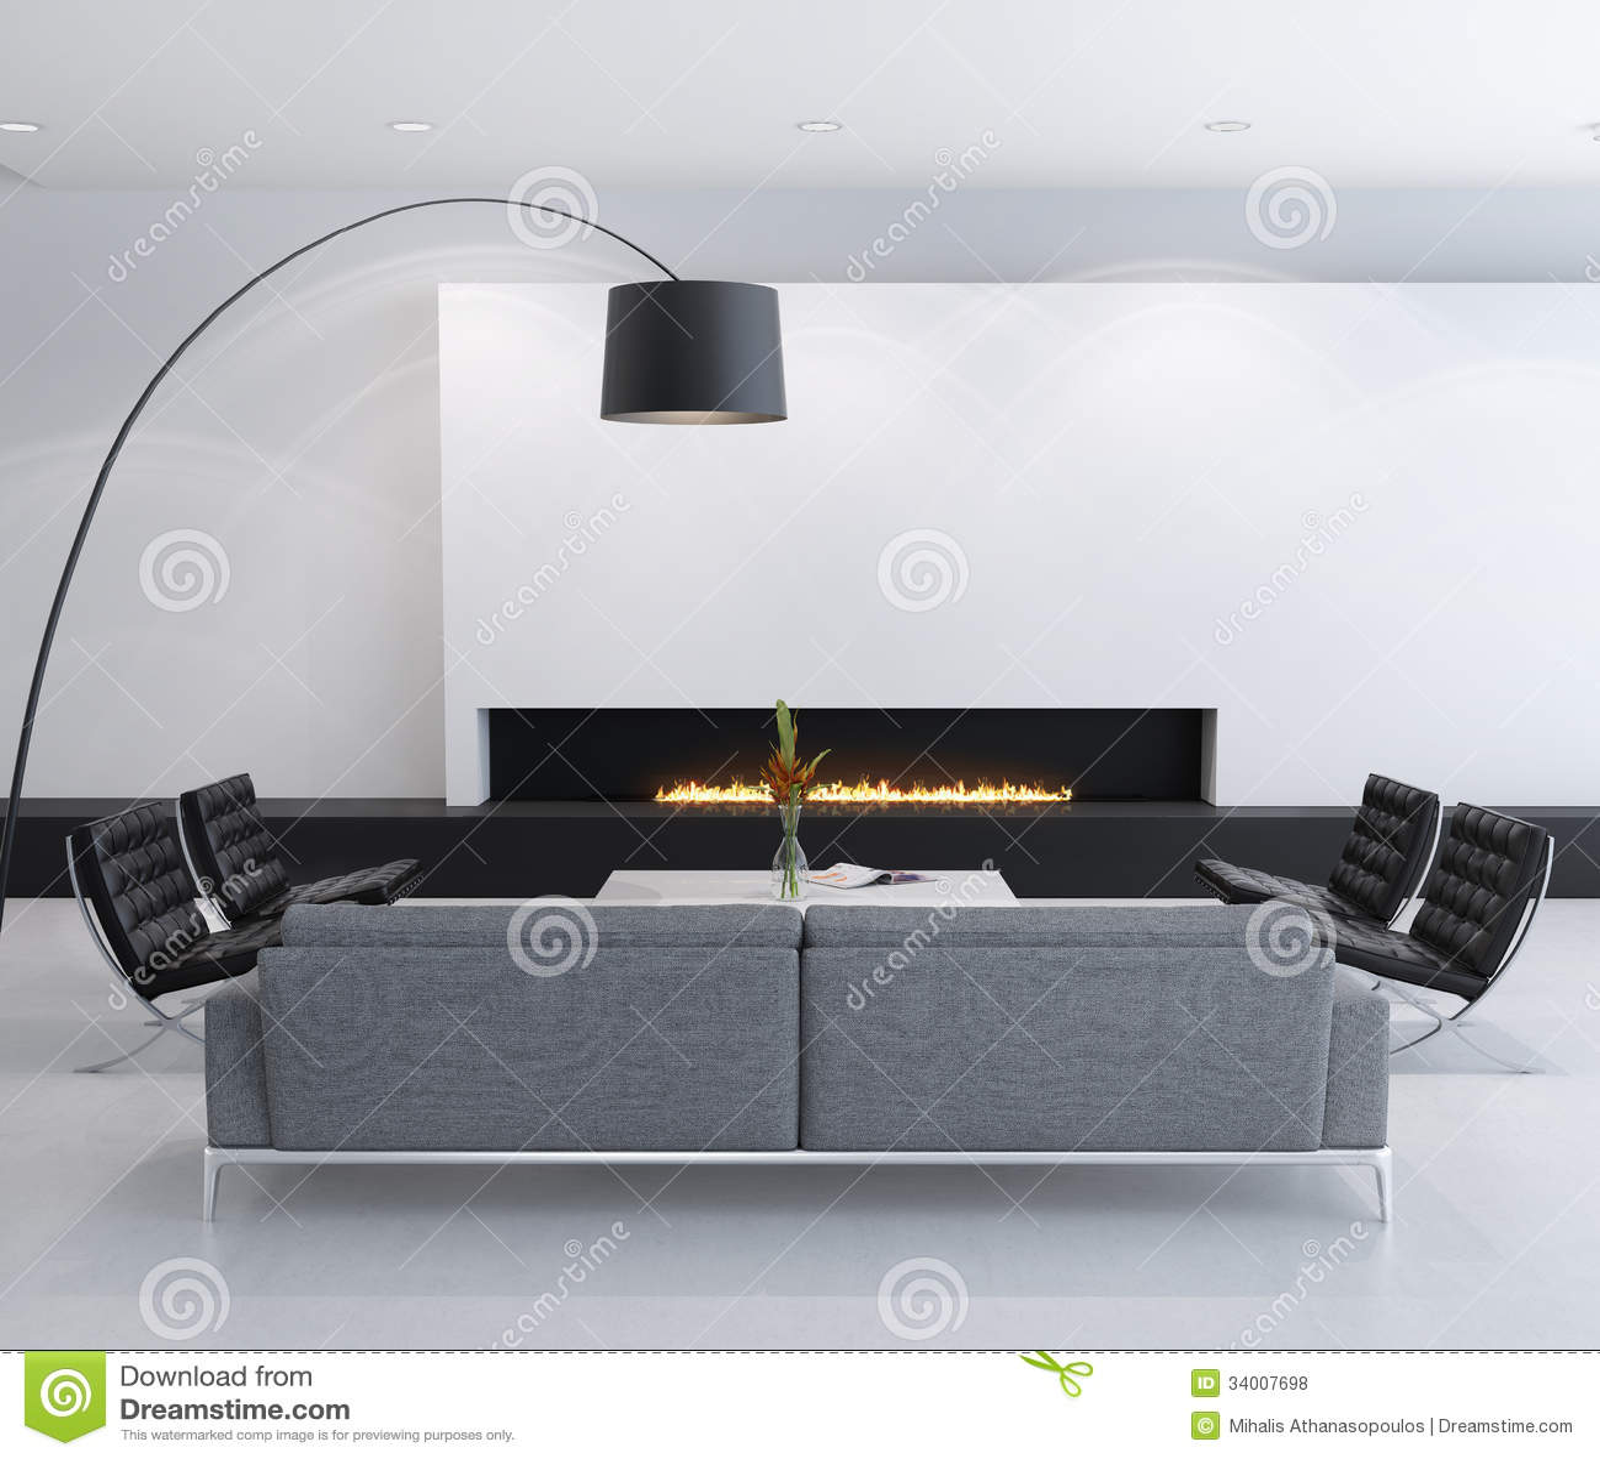 Int rieur contemporain minimal de foyer au gaz salon for Interieur contemporain photo